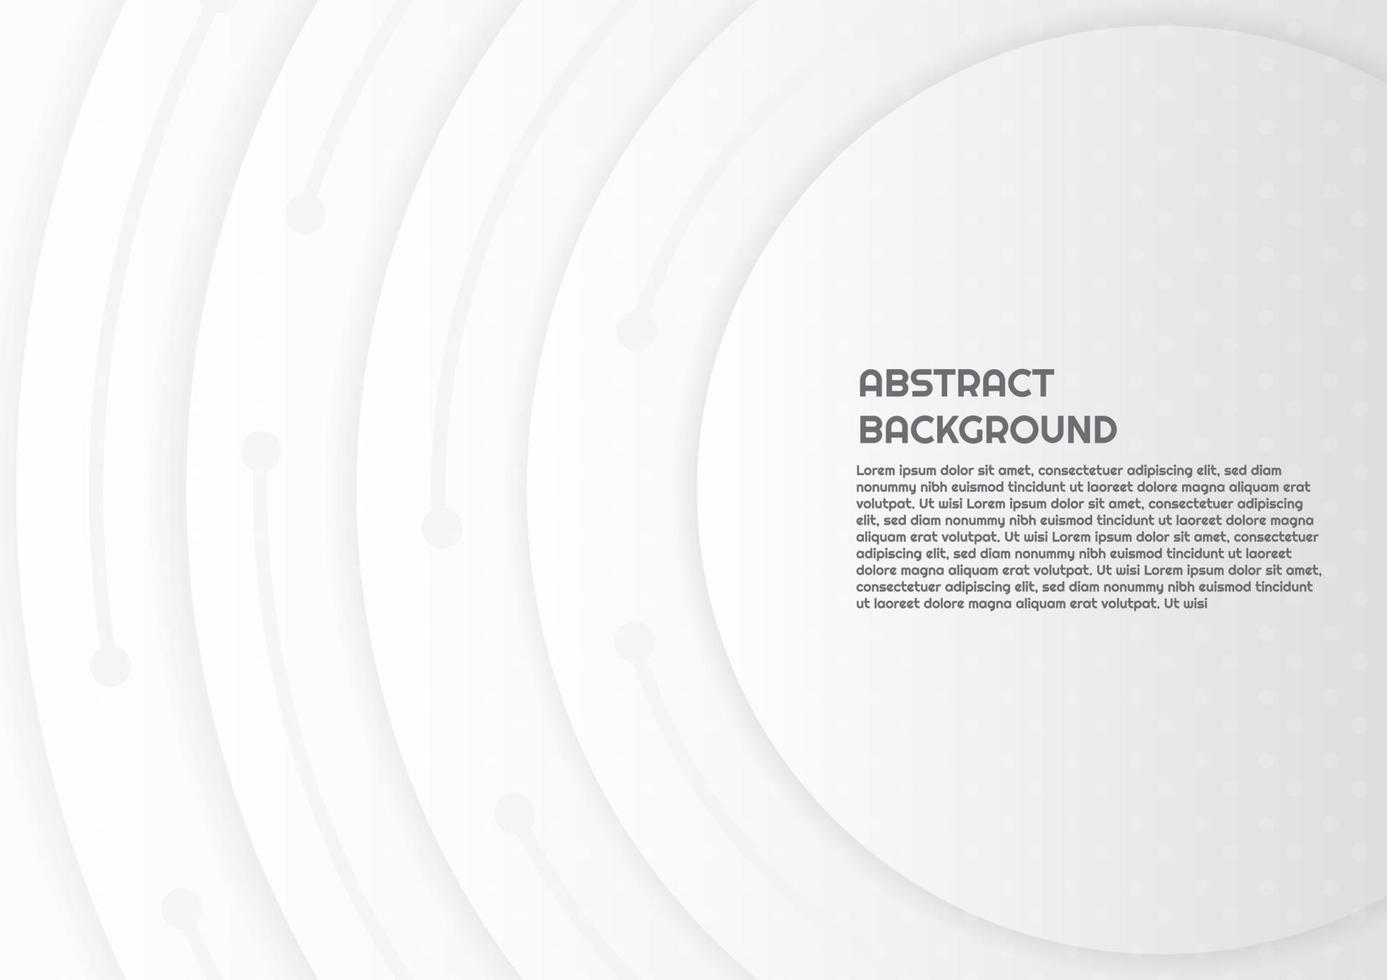 abstrakt koncentriska cirklar bakgrundsdesign i vit stil med utrymme för text vektor